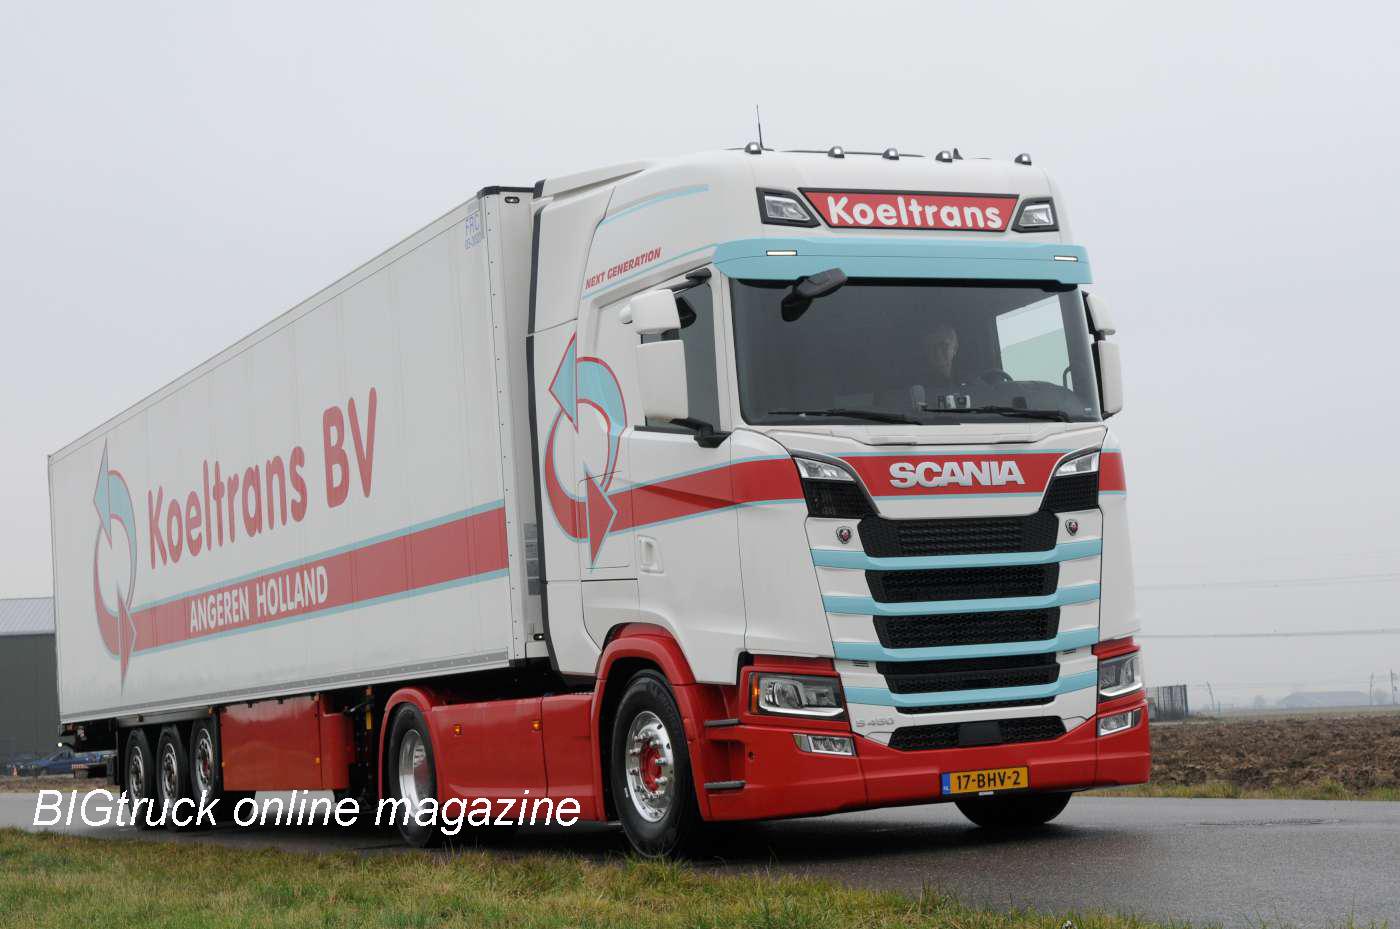 Scania S450 In Koeltrans Livery Iepieleaks